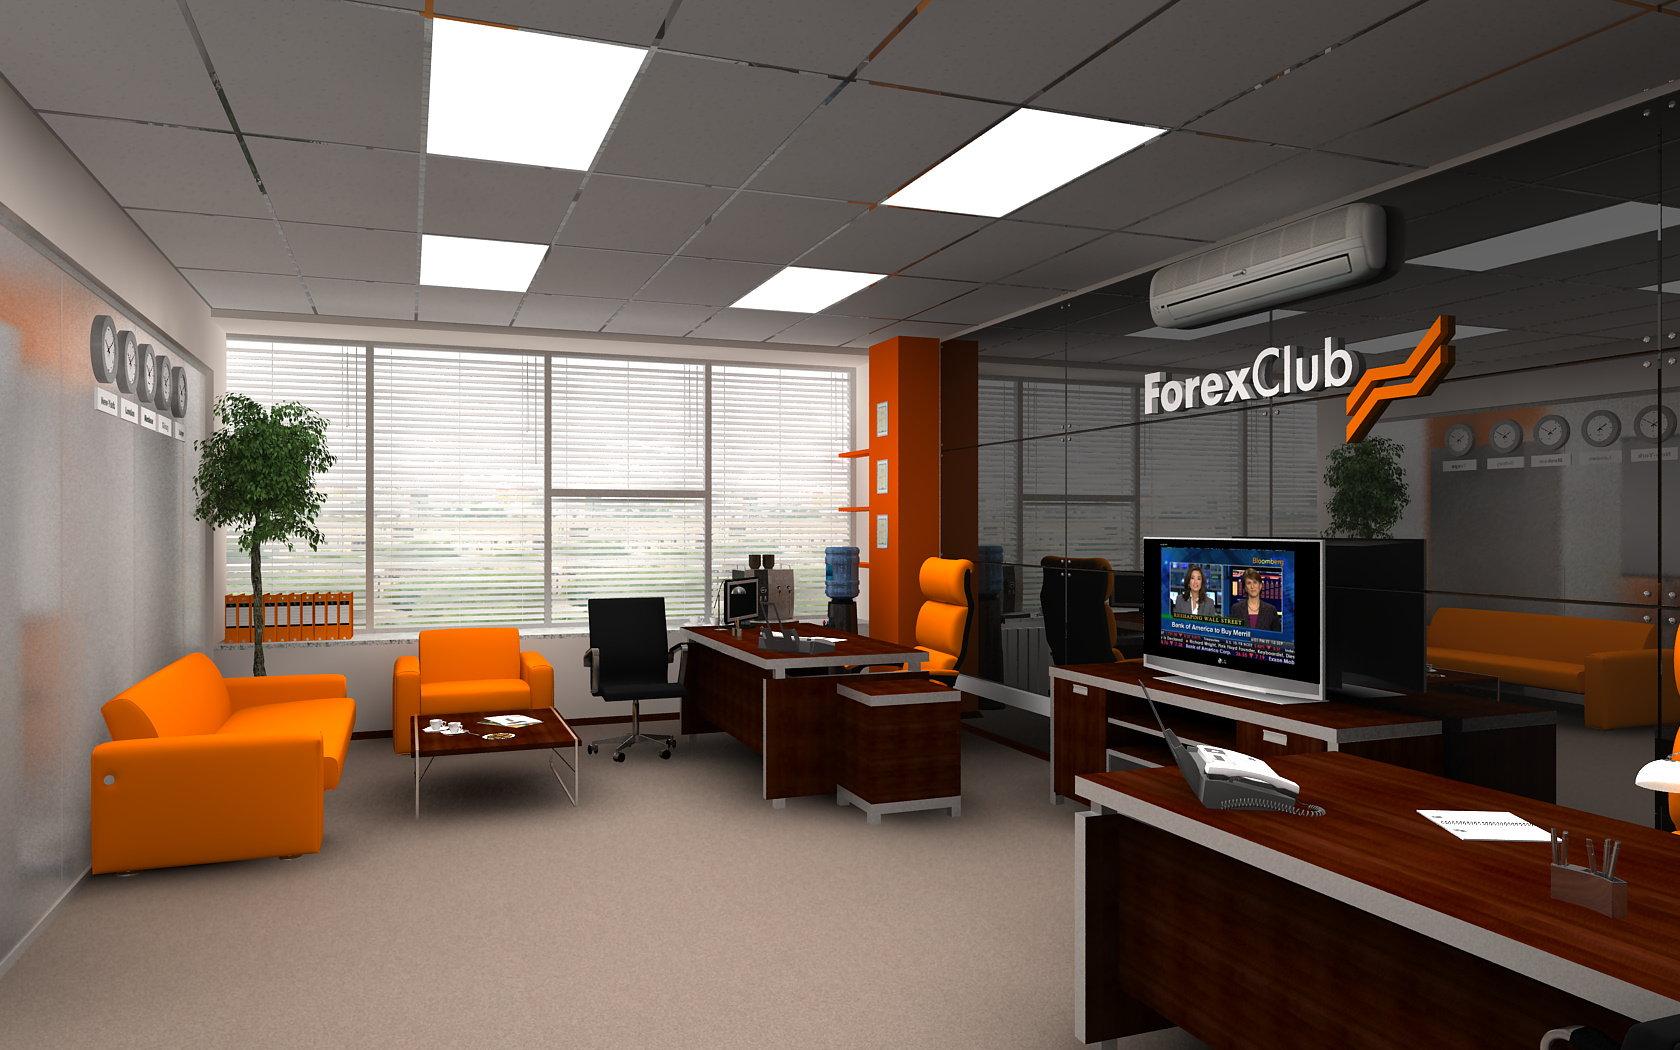 Офис компании FxClub